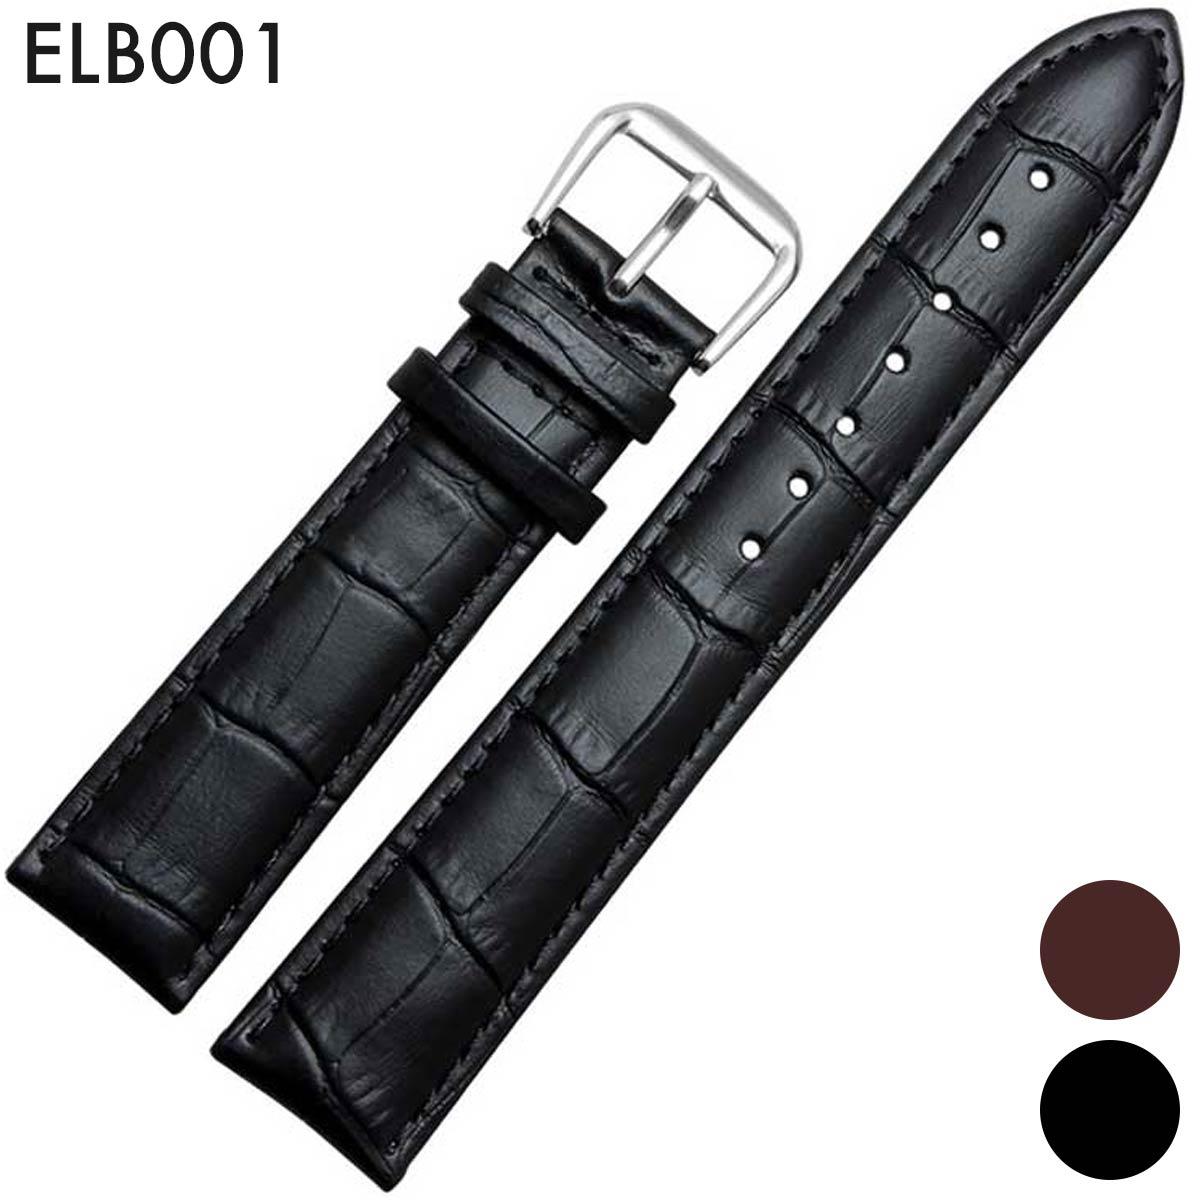 【メール便送料無料】 腕時計ベルト 腕時計バンド 替えストラップ 社外品 汎用レザーベルト 革ベルト 取付幅12mm/14mm/15mm/16mm/17mm/18mm/19mm/20mm/21mm/22mm/23mm/24mm (尾錠)ピンバックル付き [ Eight - ELB001 ]